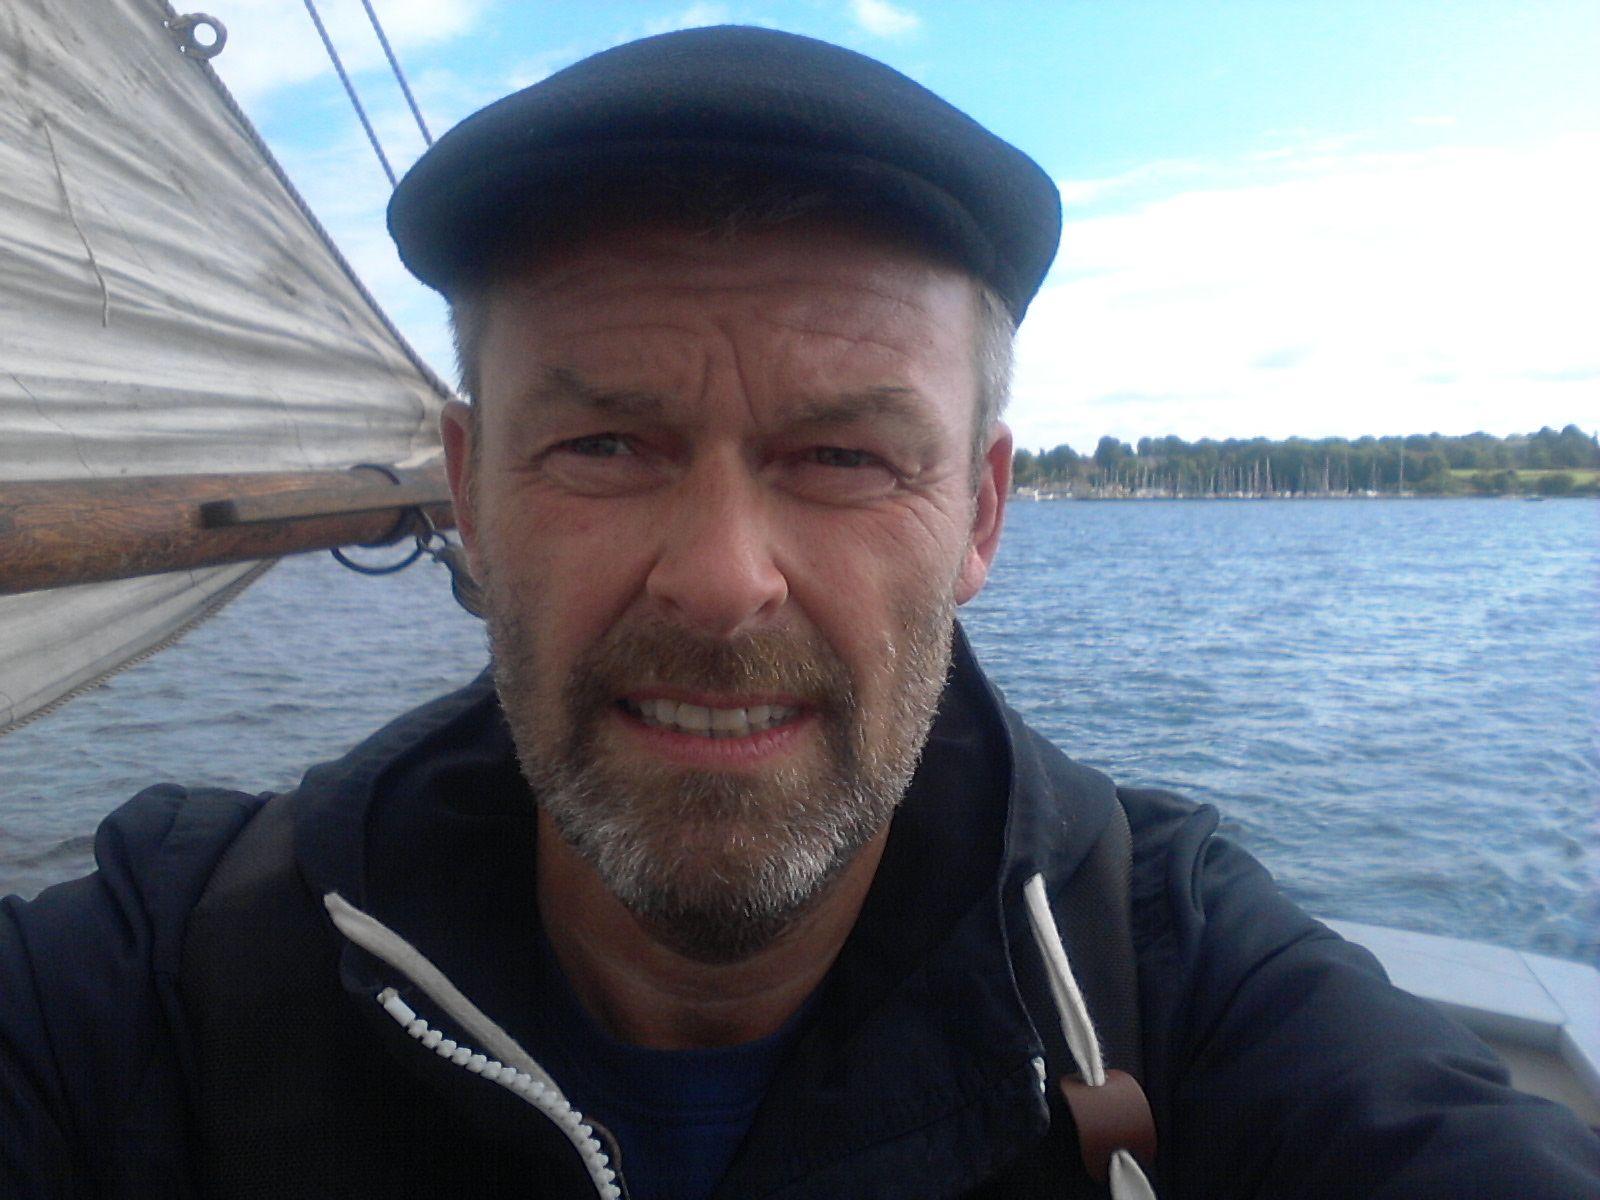 Peter Henningsen er dr. phil. og chef for Landbokultur & Søfart, Nationalmuseet. Forfatter til I sansernes vold (2006) og hovedredaktør på København 1807 (2007). Sammen med Ulrik Langen har han desuden skrevet Hundemordet i Vimmelskaftet - og andre fortællinger fra 1700-tallets København (2010).